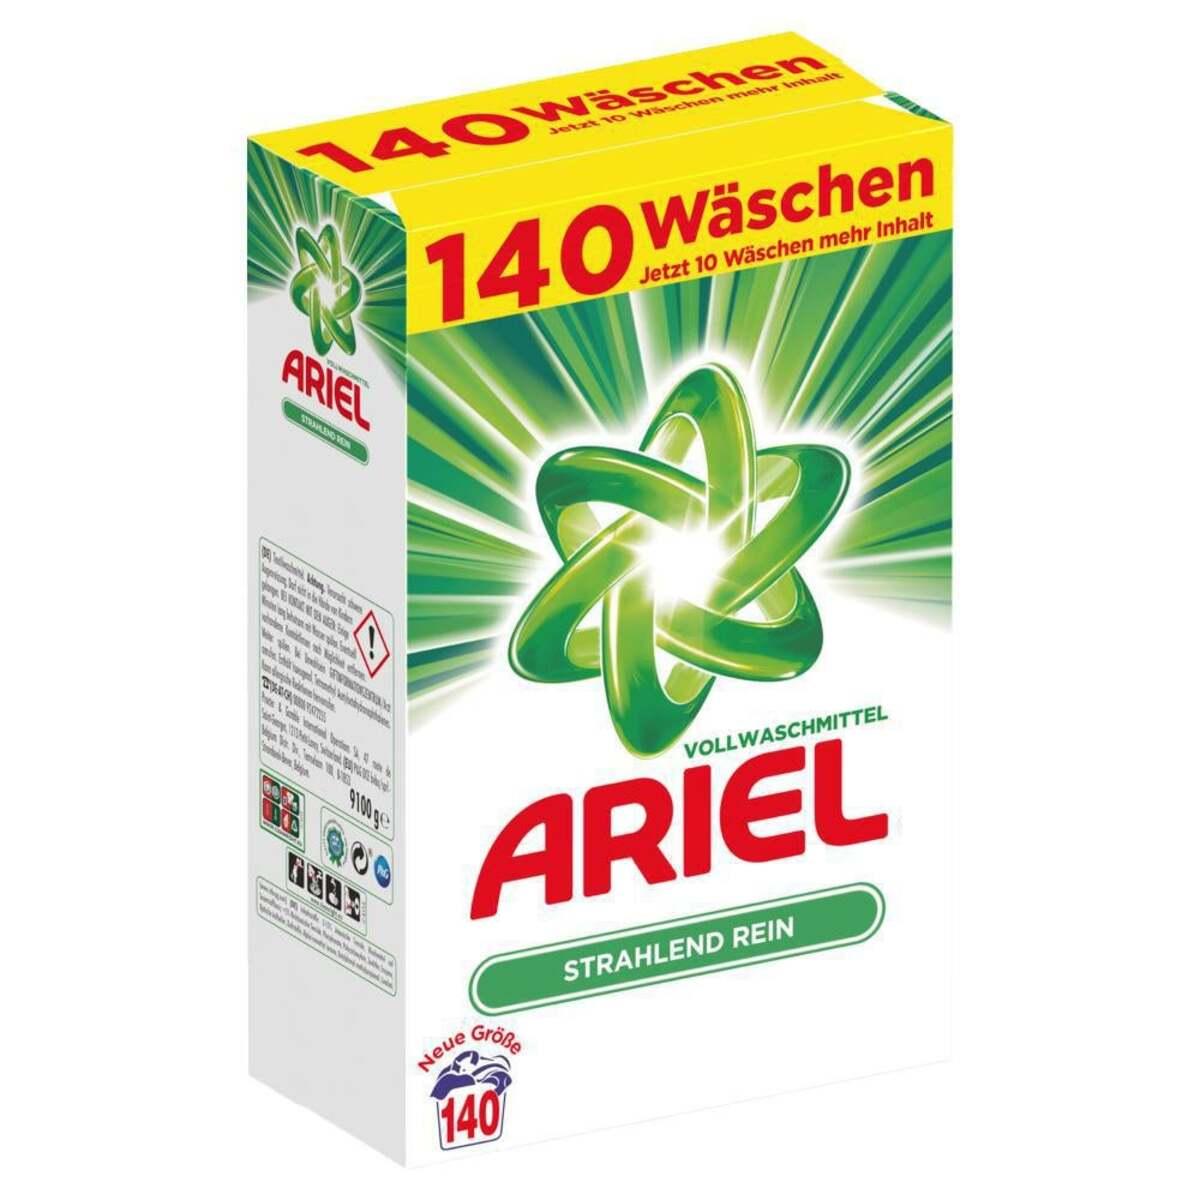 Bild 1 von Ariel Vollwaschmittel Pulver, 140 WL